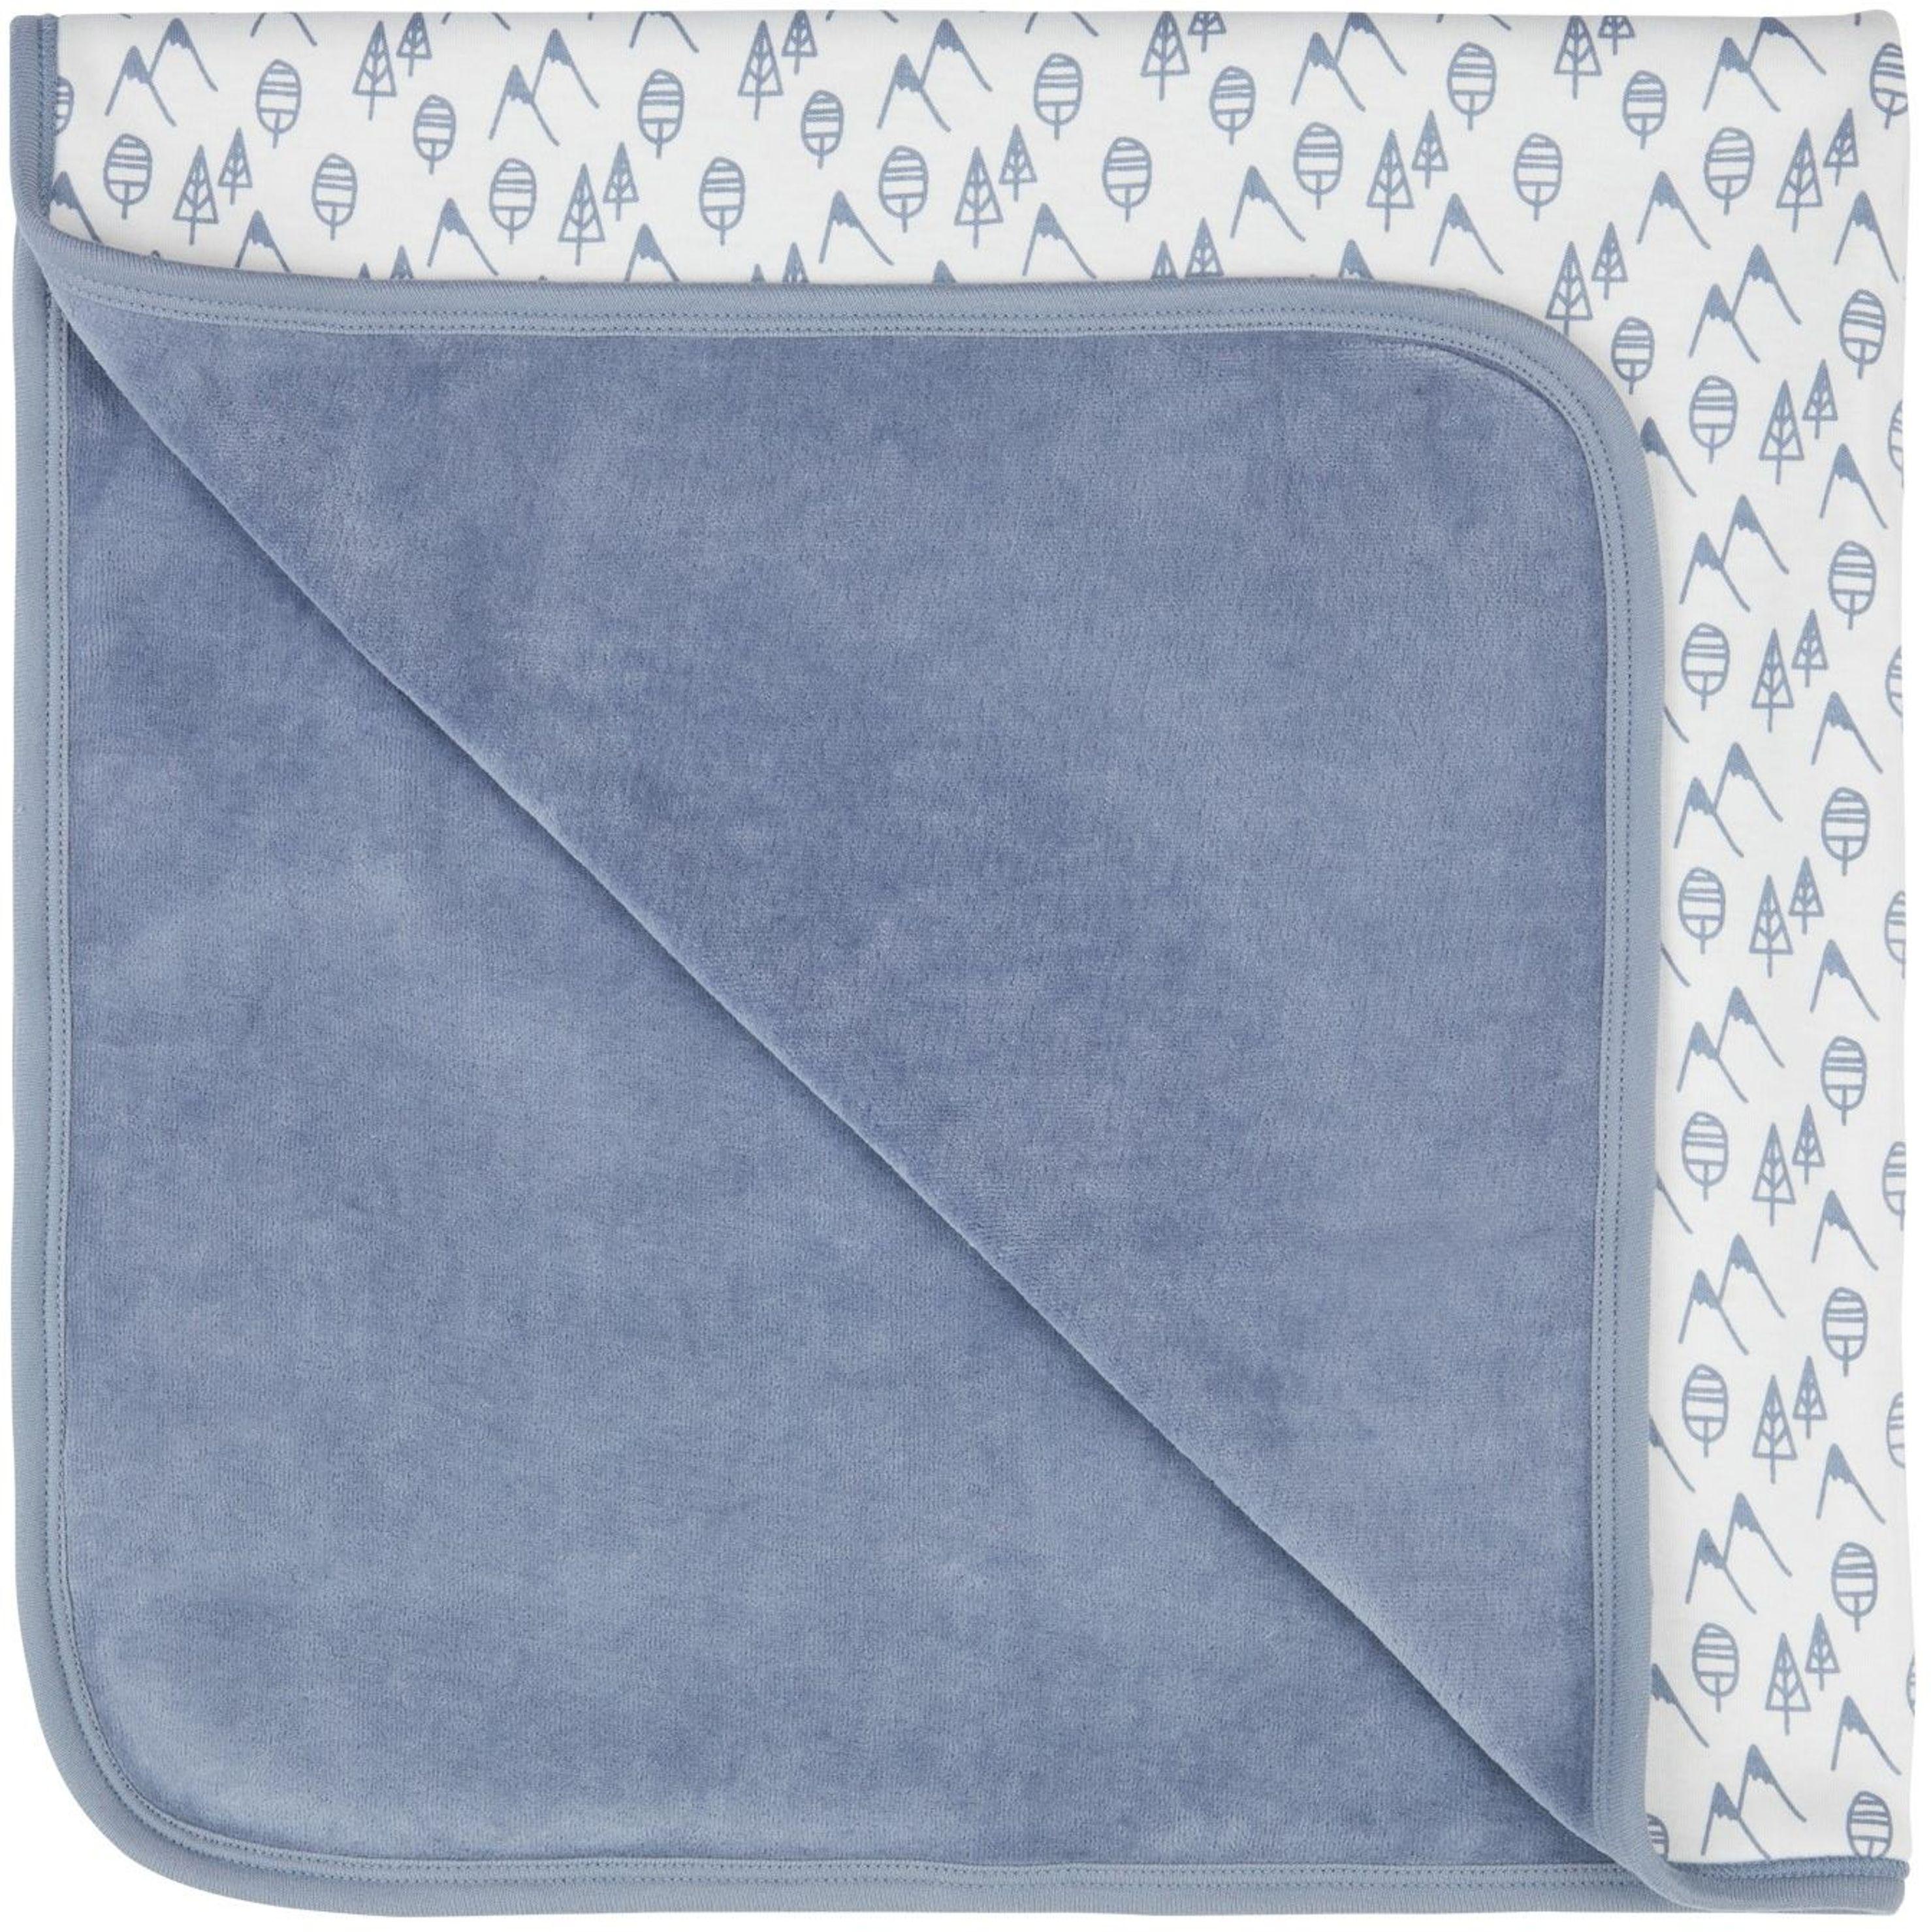 Sense Organic SITA Baby Blanket blue